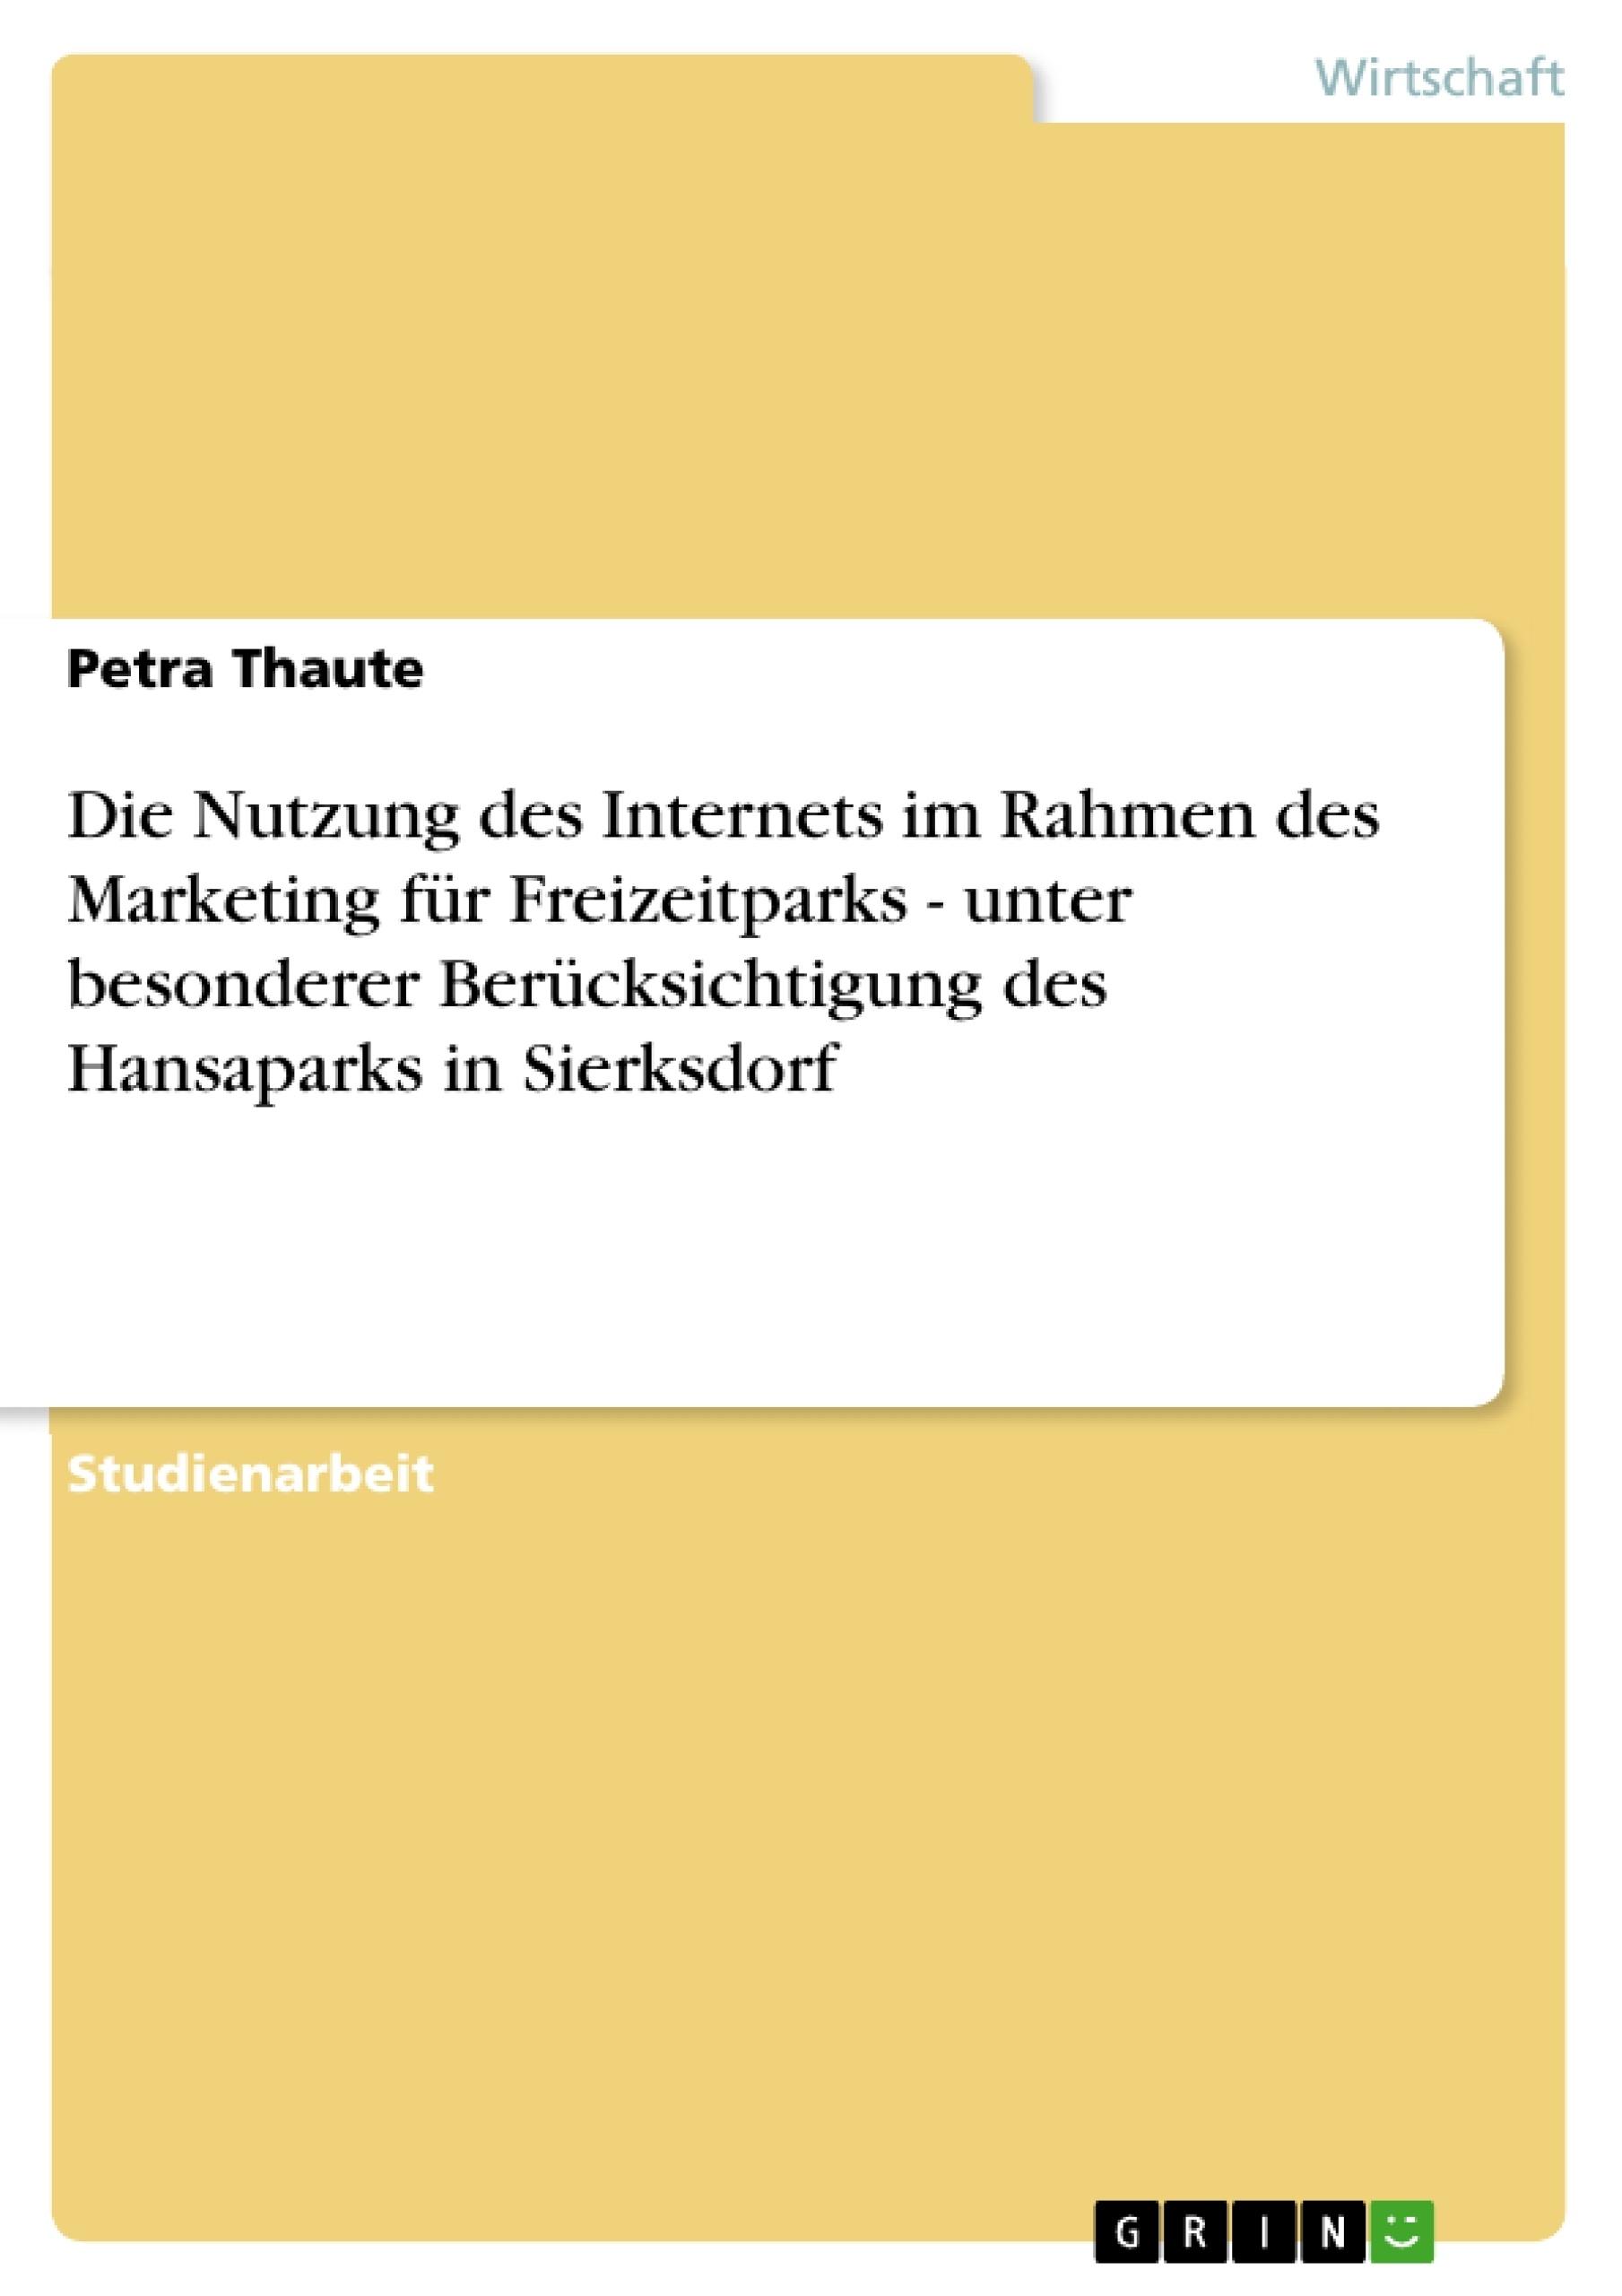 Titel: Die Nutzung des Internets im Rahmen des Marketing für Freizeitparks - unter besonderer Berücksichtigung des Hansaparks in Sierksdorf